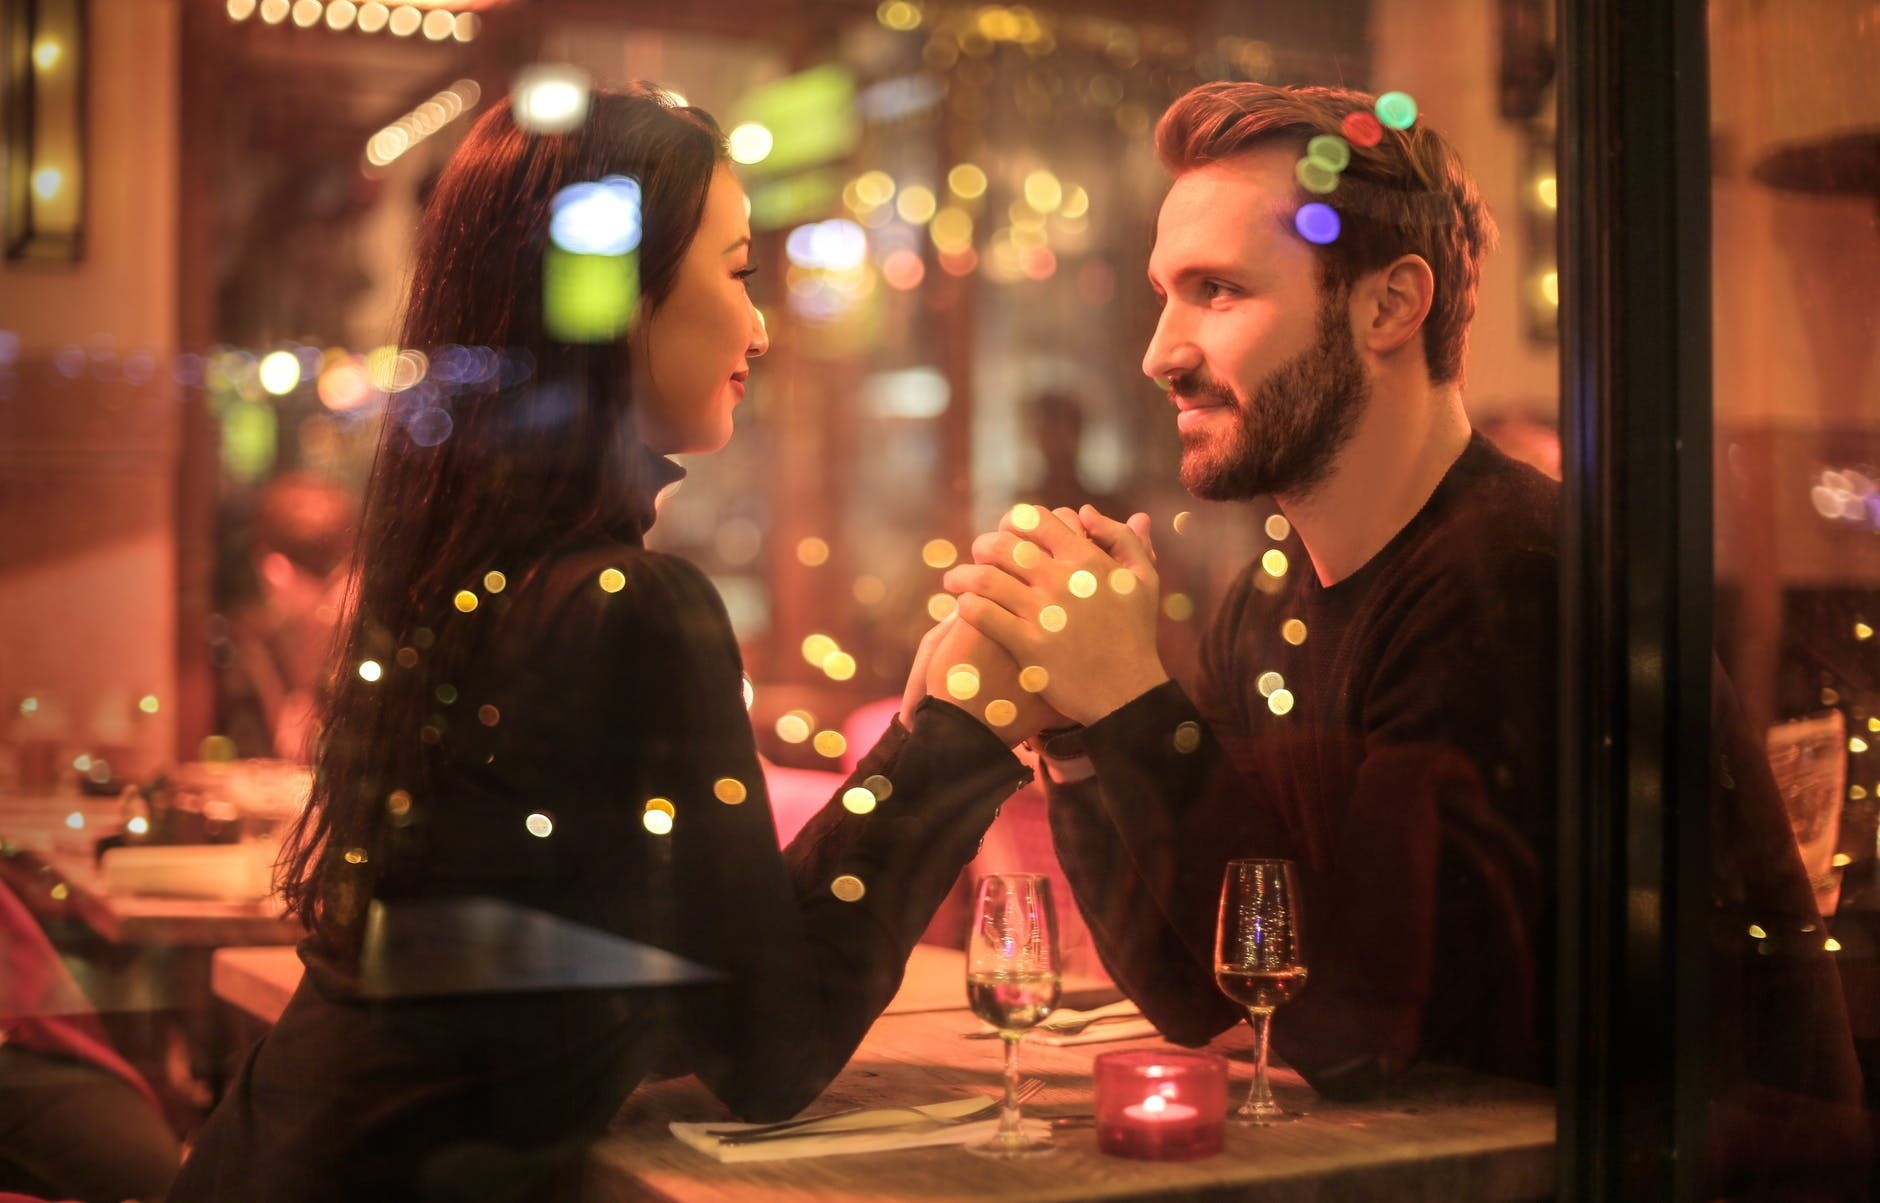 36 вопросов, чтобы влюбиться в него: узнаем неожиданные факты из жизни мужчины